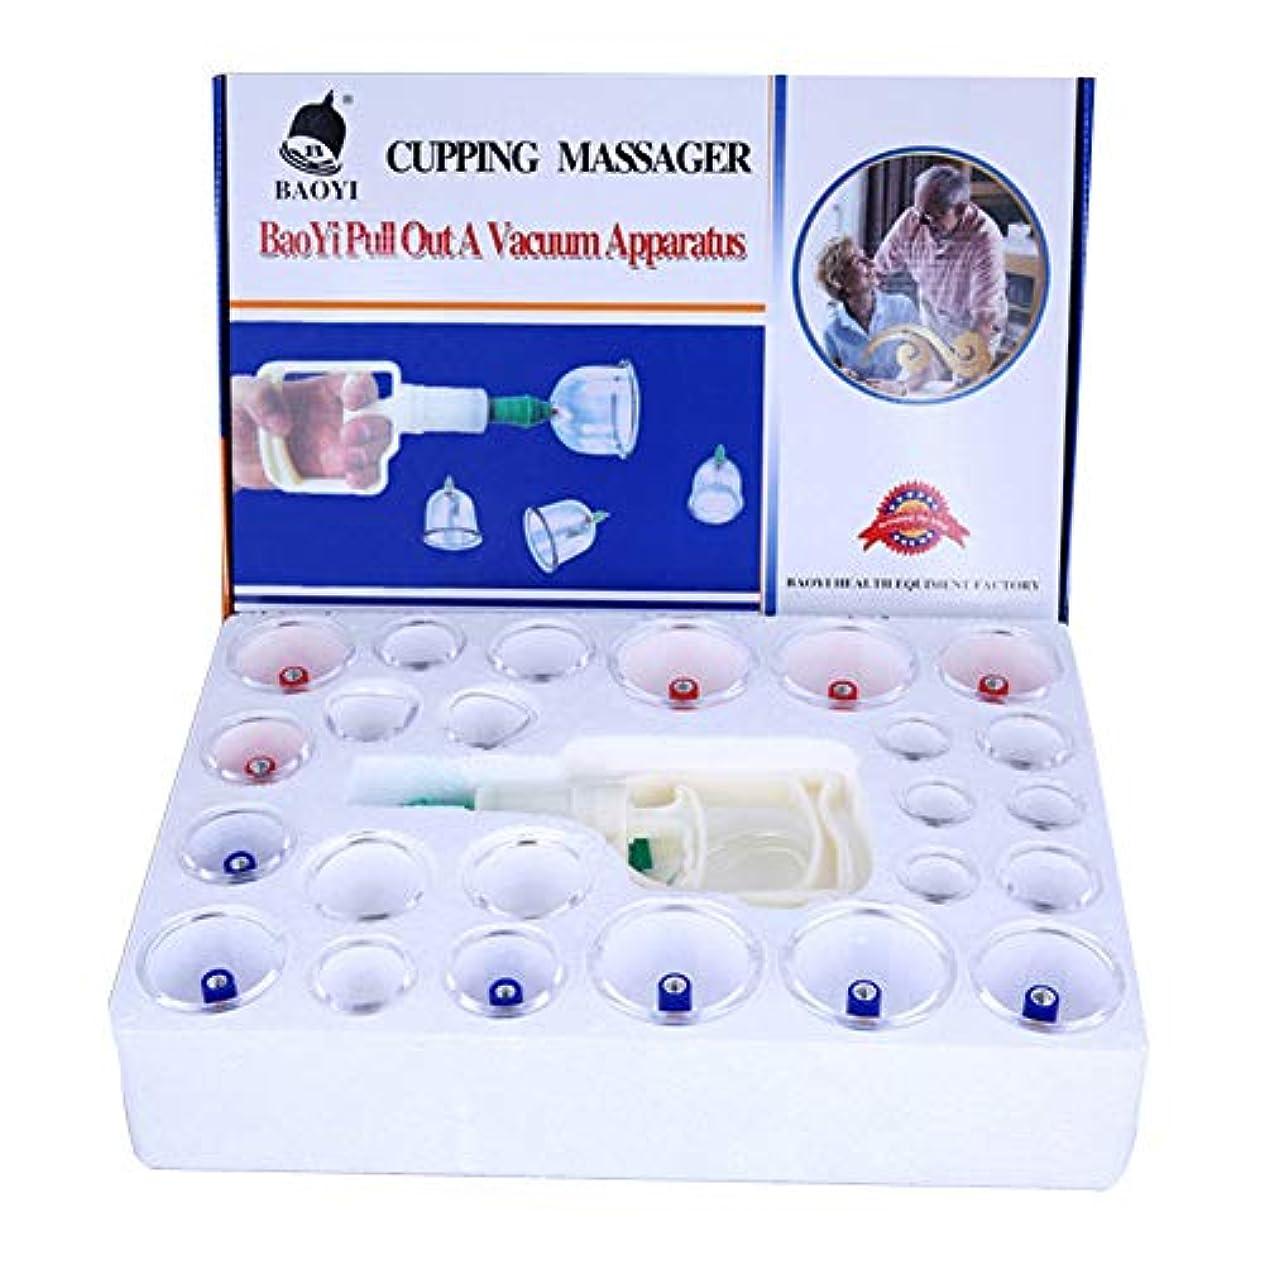 リール求人逆に24カップマッサージカッピングセット、真空吸引中国のツボ療法、在宅医療、筋肉関節痛、肩背部膝痛の軽減に最適